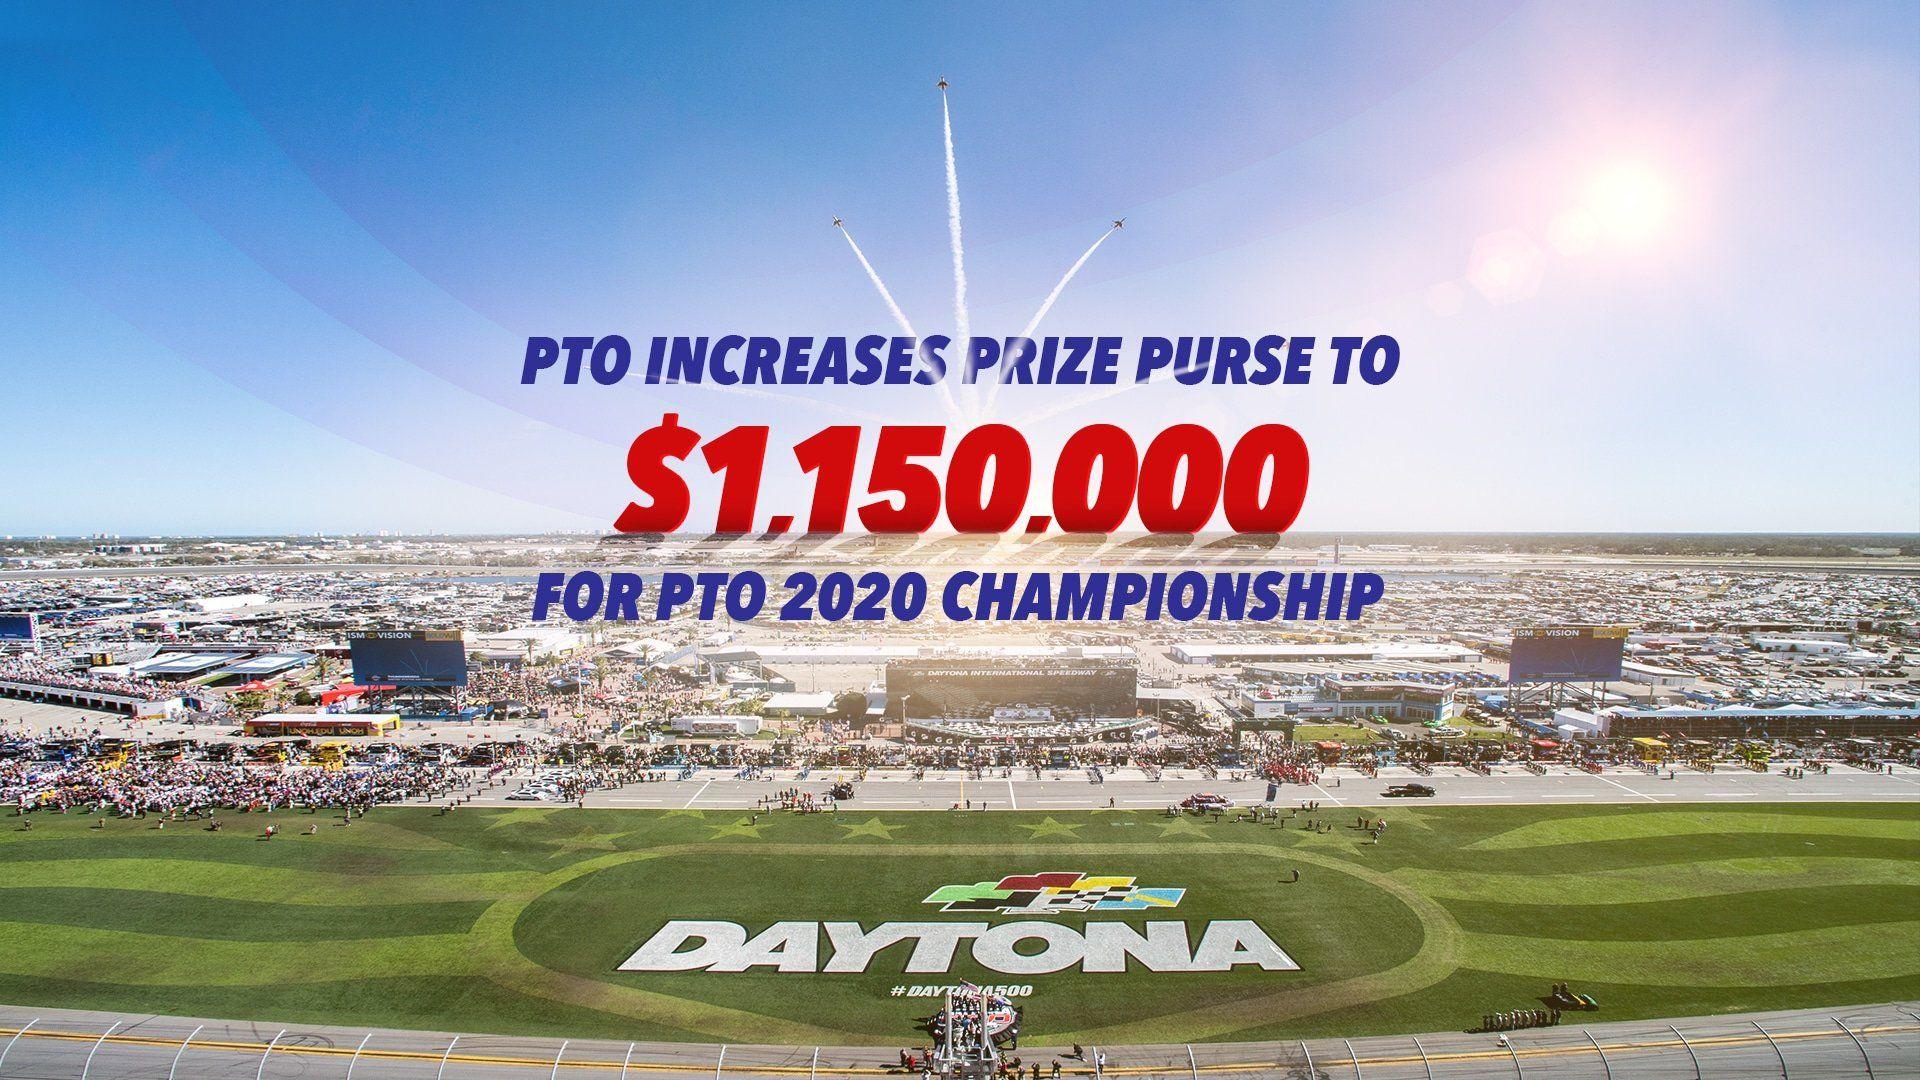 PTO 2020 Championship announce increase in prize purse